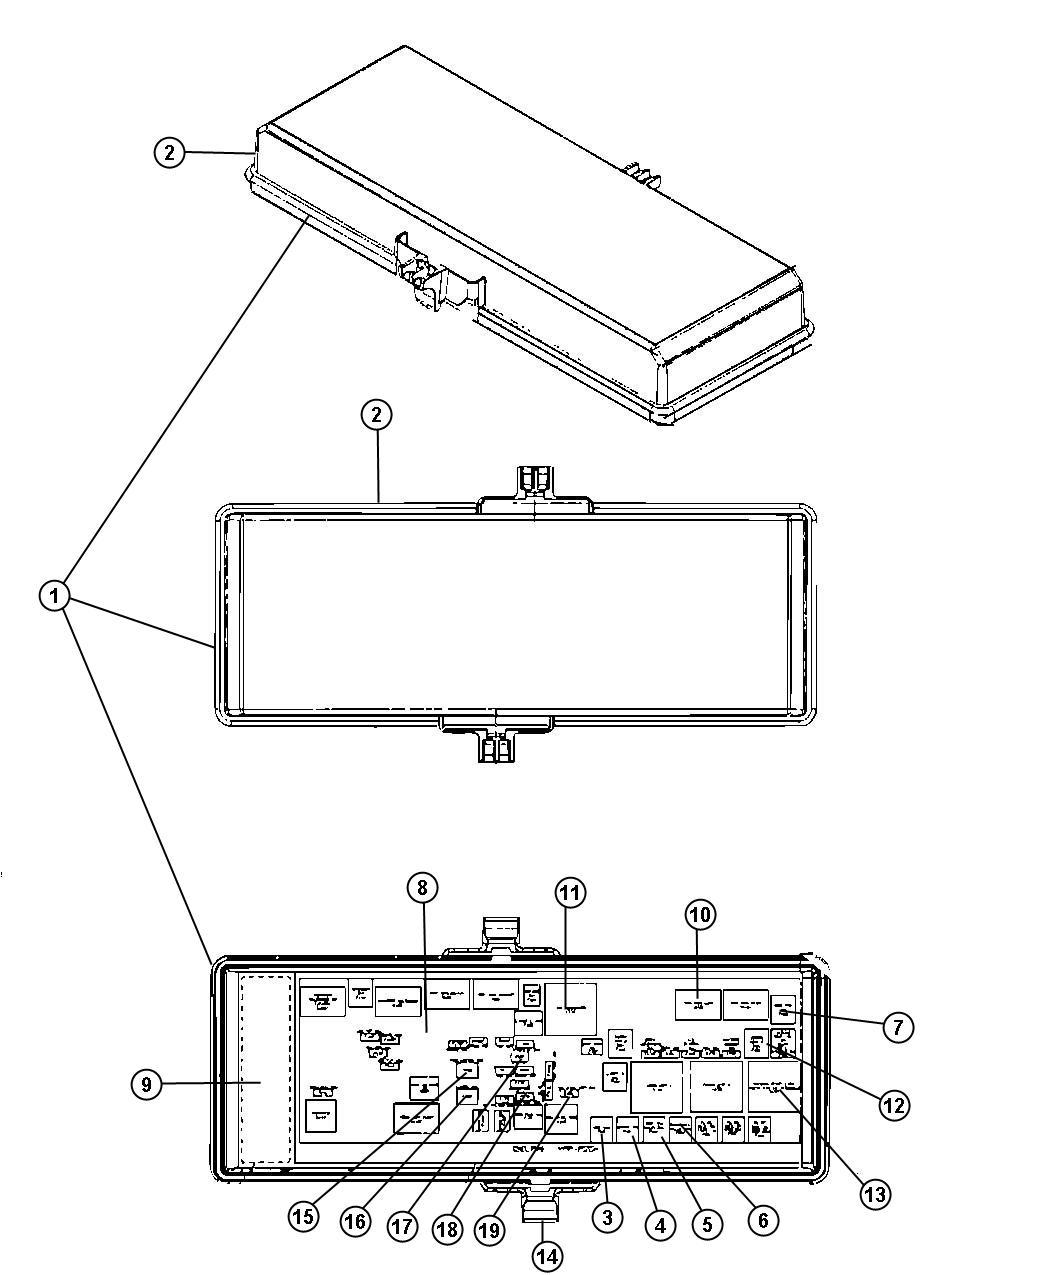 2013 dodge fuse export j case 20 amp blueupolice. Black Bedroom Furniture Sets. Home Design Ideas